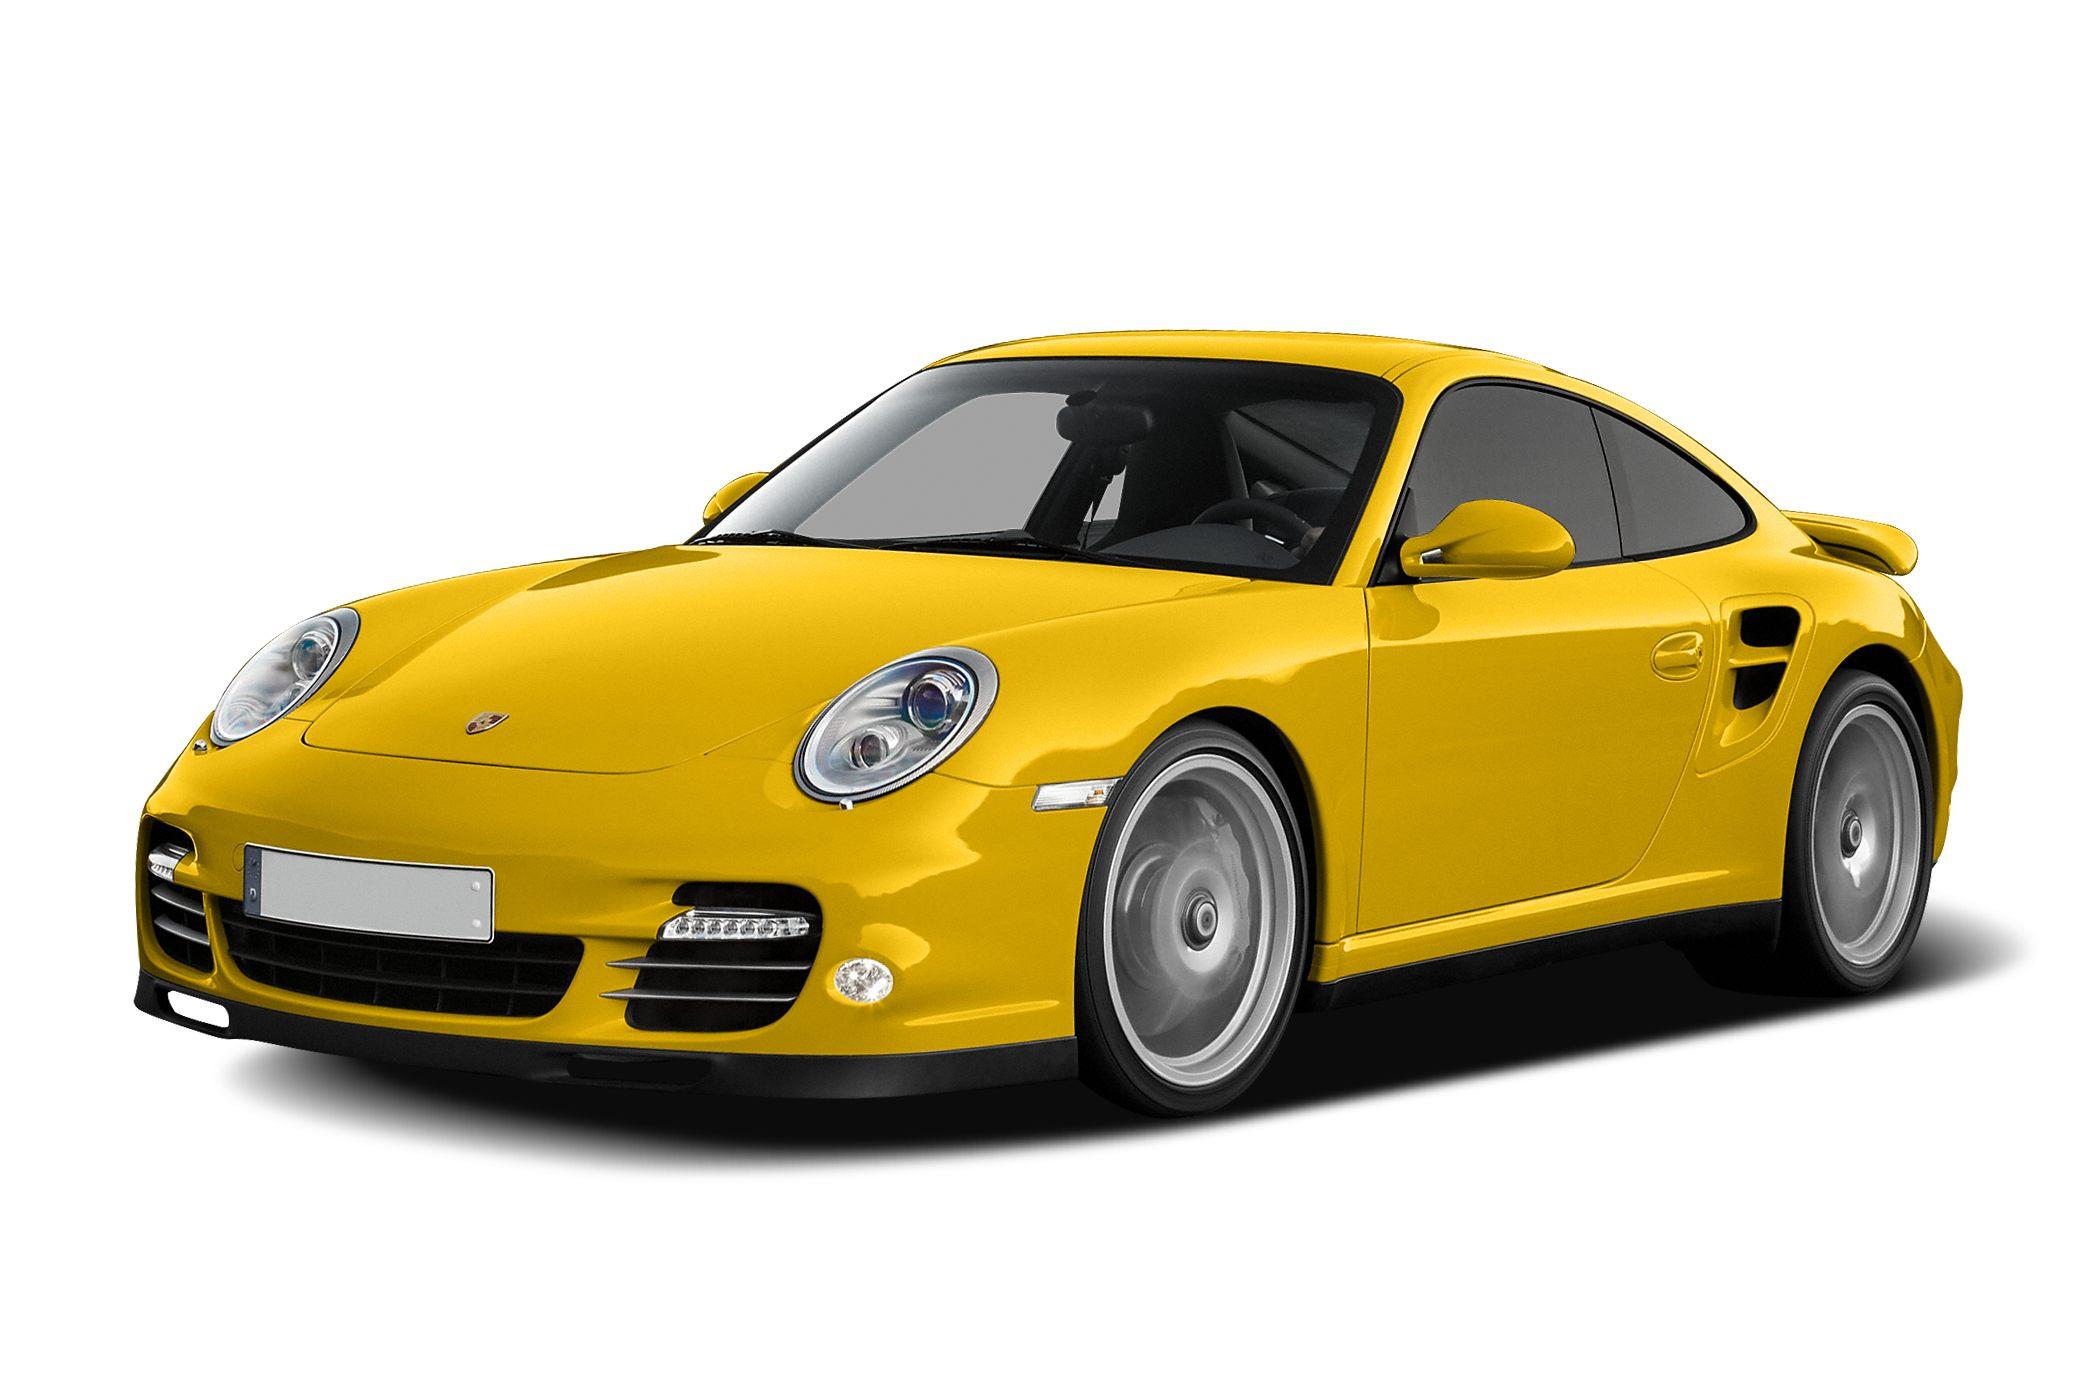 2010 Porsche 911 Information